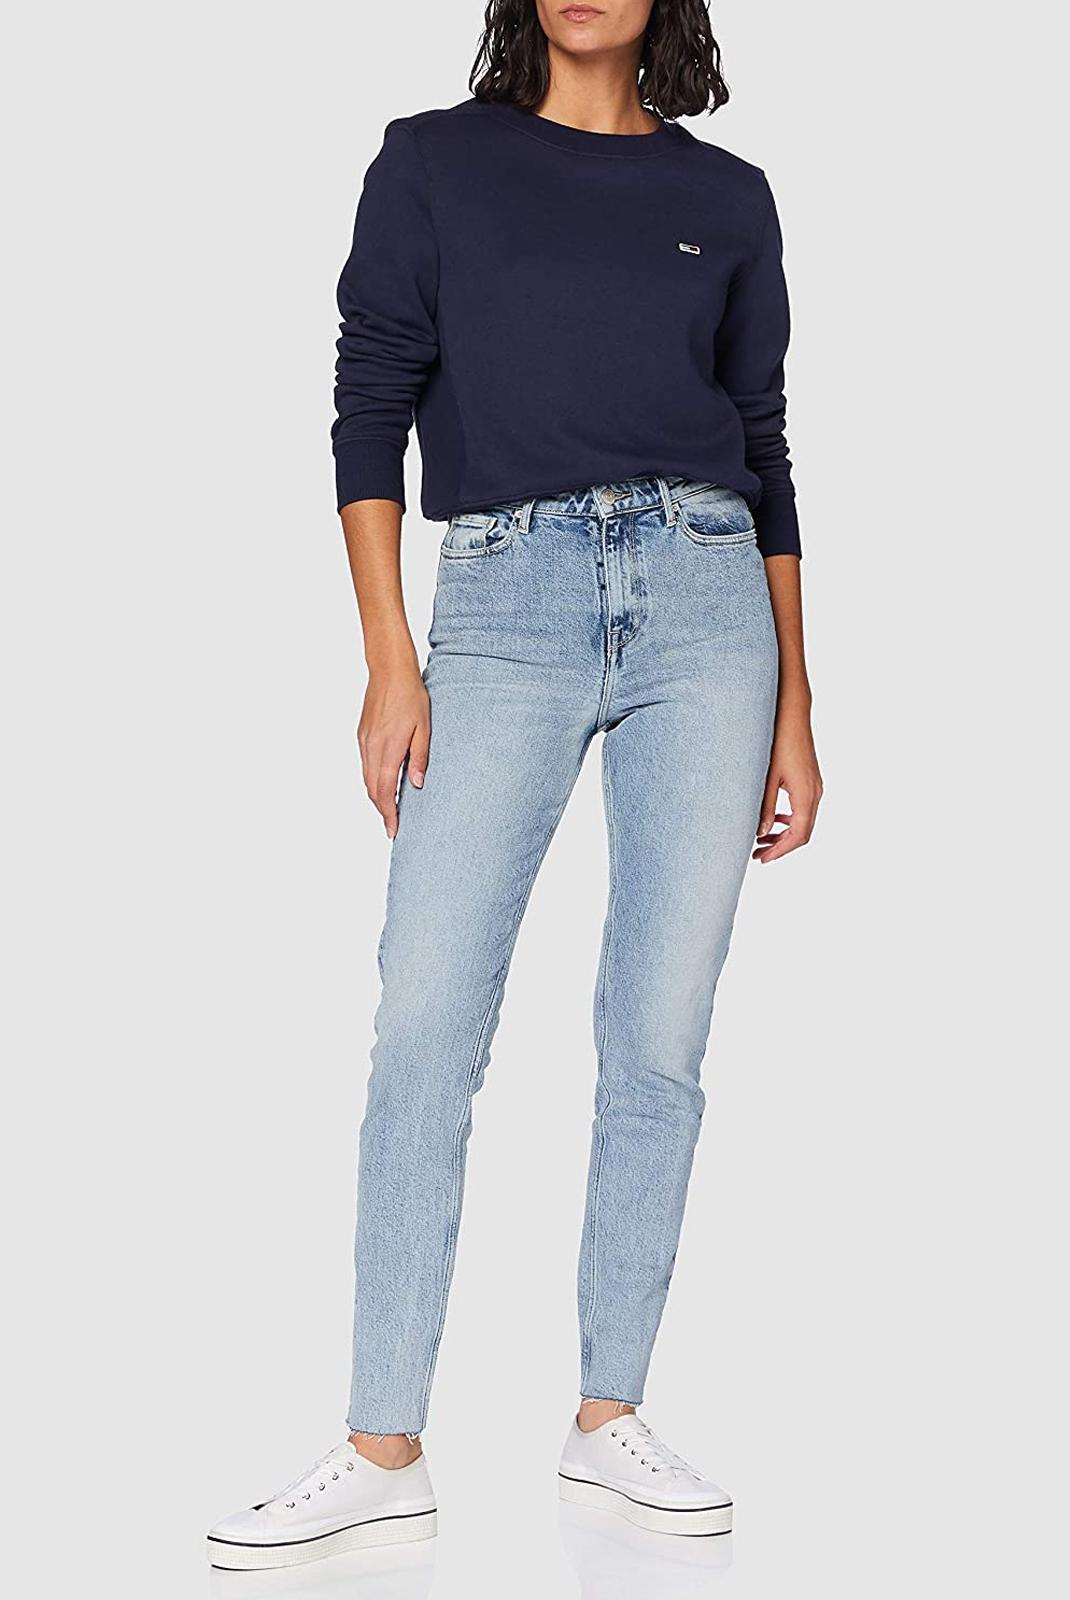 Jeans droit  Tommy Hilfiger WW0WW27239 1AC